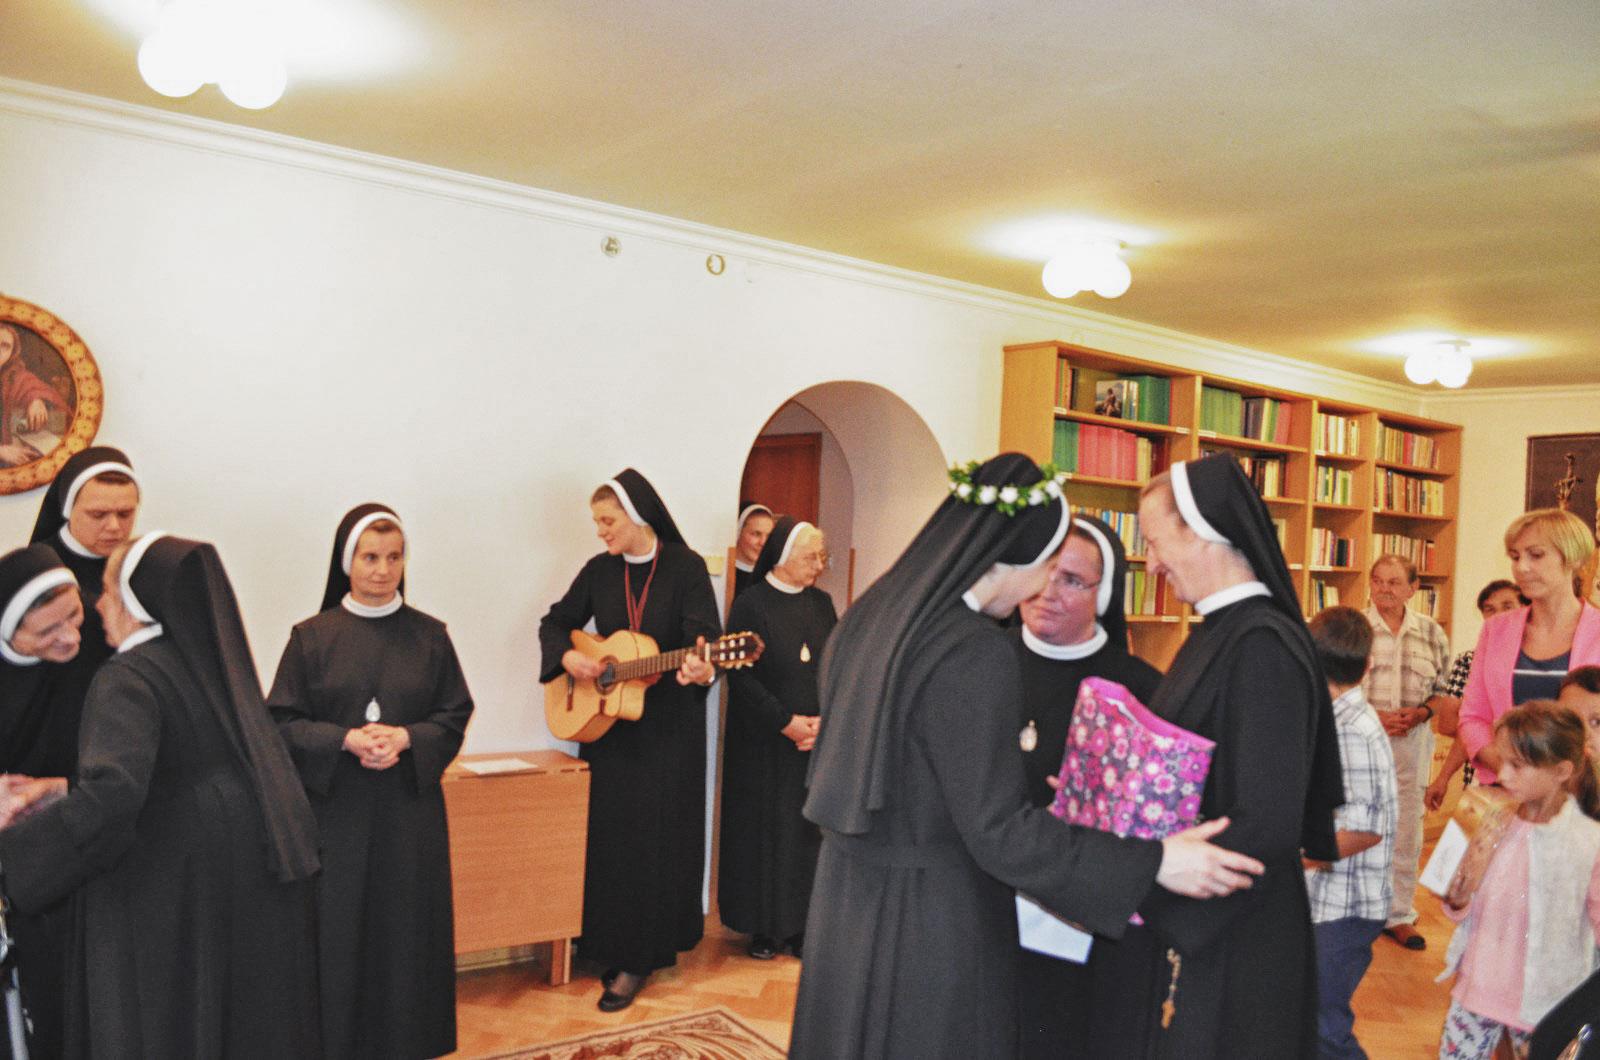 Sióstr_św_Elżbiety-Pierwsze_Śluby_fotorelacja-I-SLUBY-DSC_0620-min.jpg